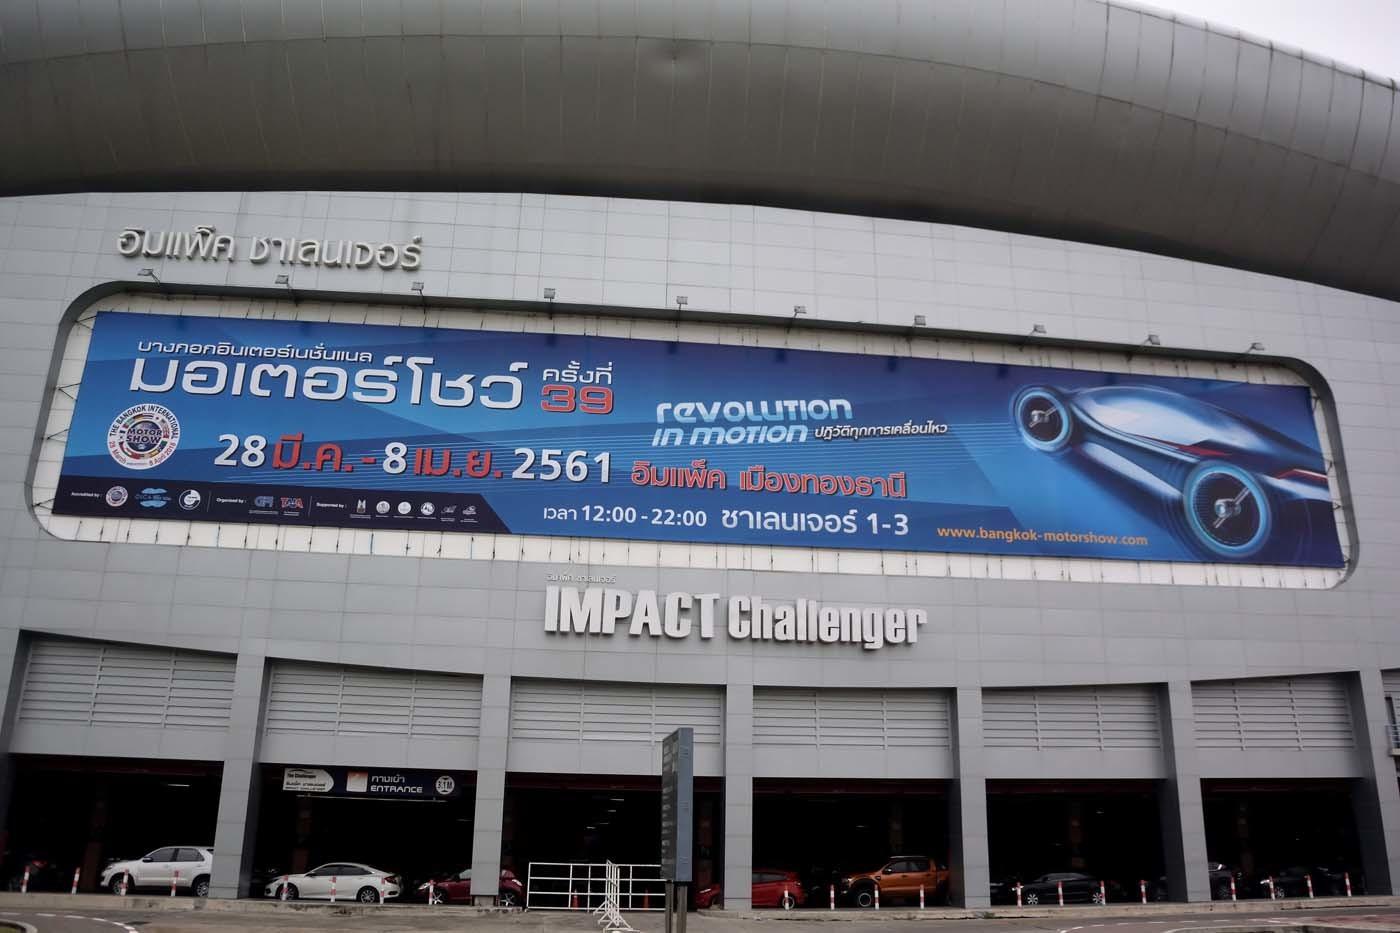 ショー会場である「インパクト・チャレンジャー」。60,000m²の広さを持ち、世界最大の柱のないエキシビションホールとなる。マイケル・ジャクソンやX JAPANもライブを実施